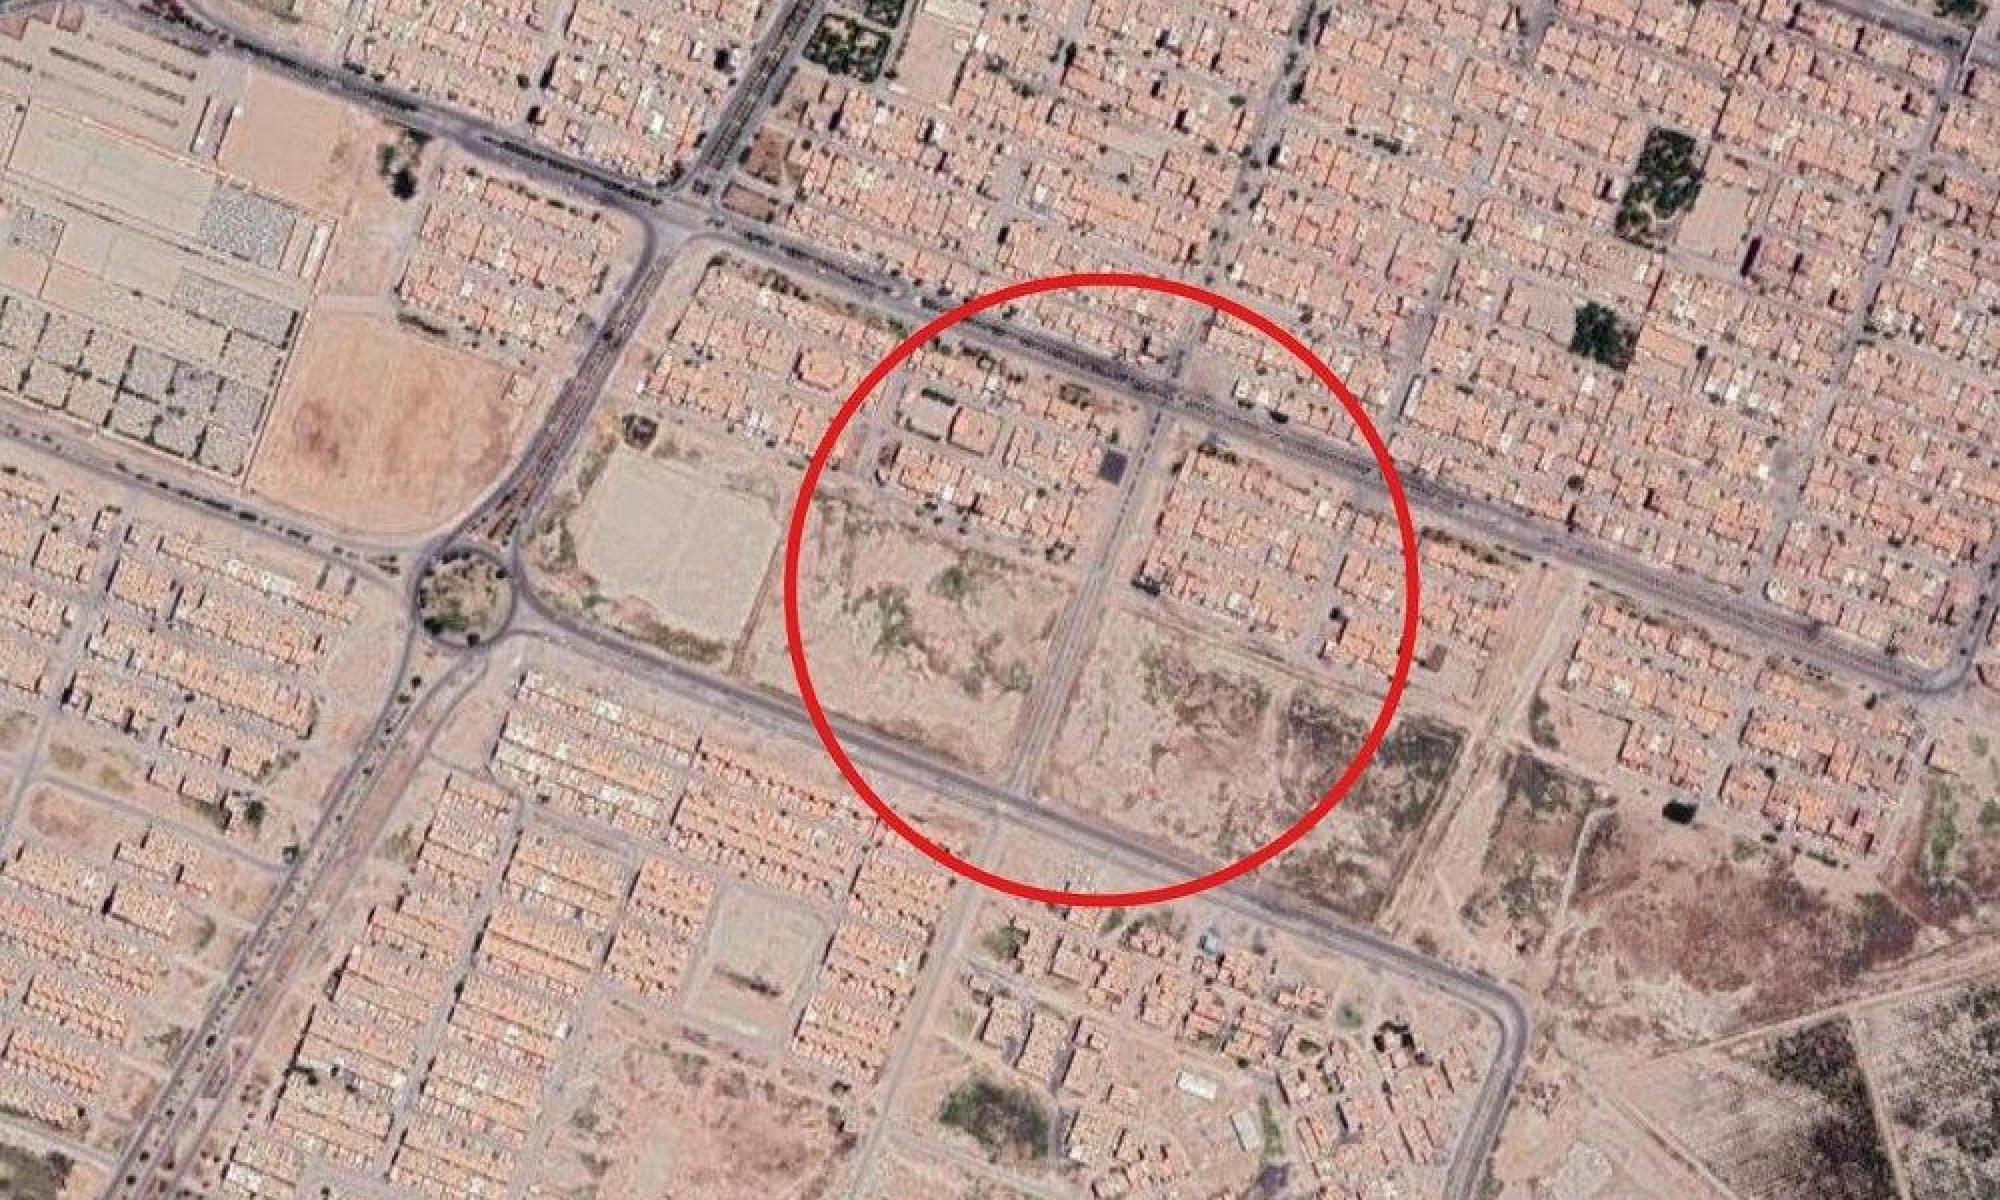 İran rejimi infaz ettiği kişileri koyduğu toplu mezarları da yok etmeye çalışıyor NCRI, Halkın Mücahitleri, Humeyni, toplu infaz